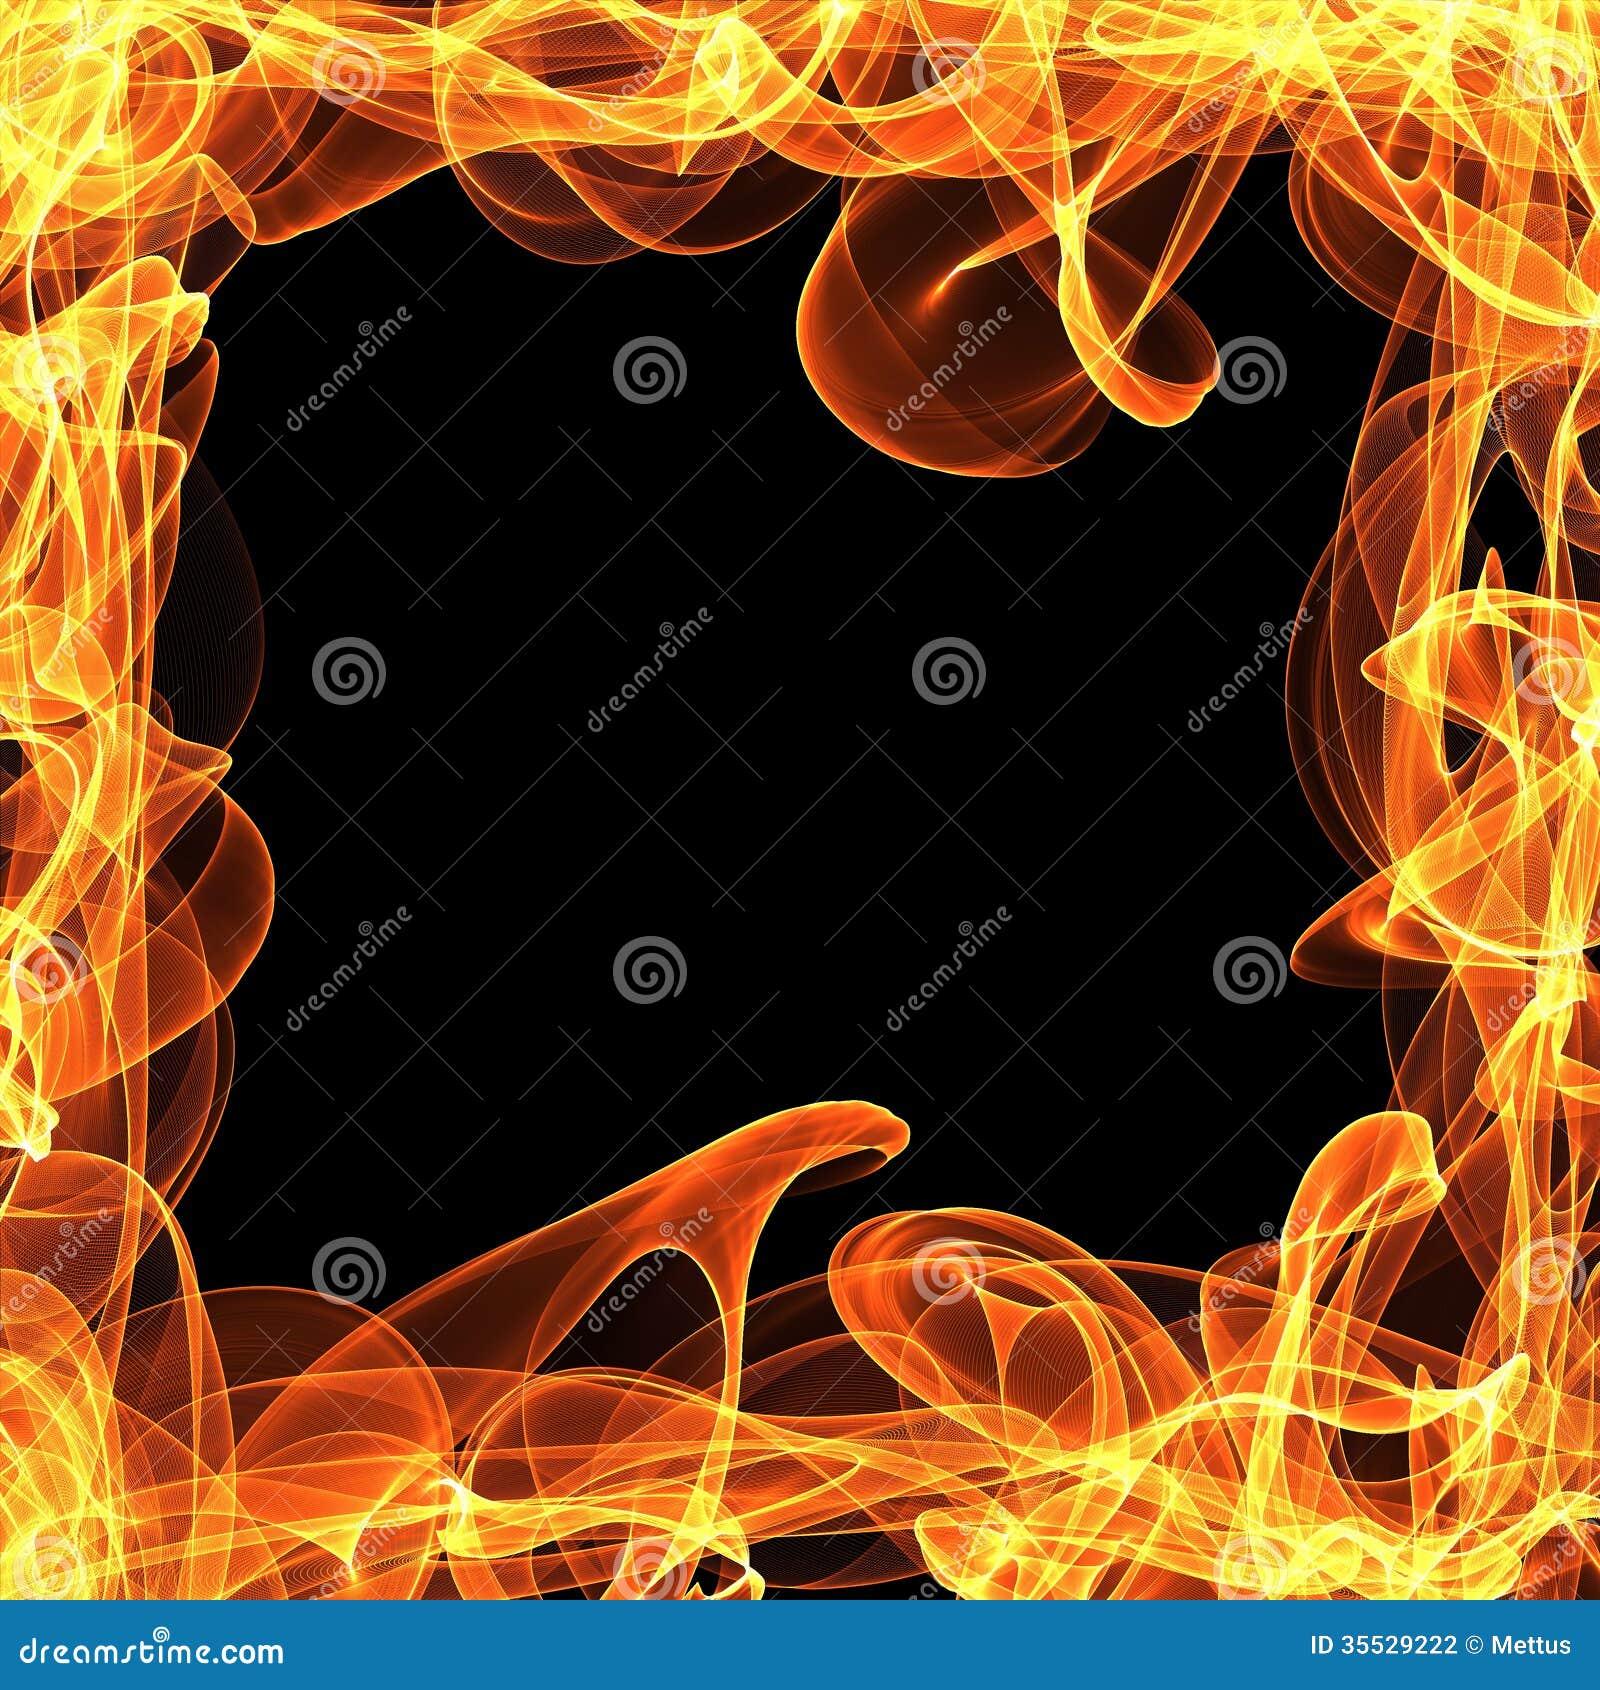 картинки огненных рамок реальности